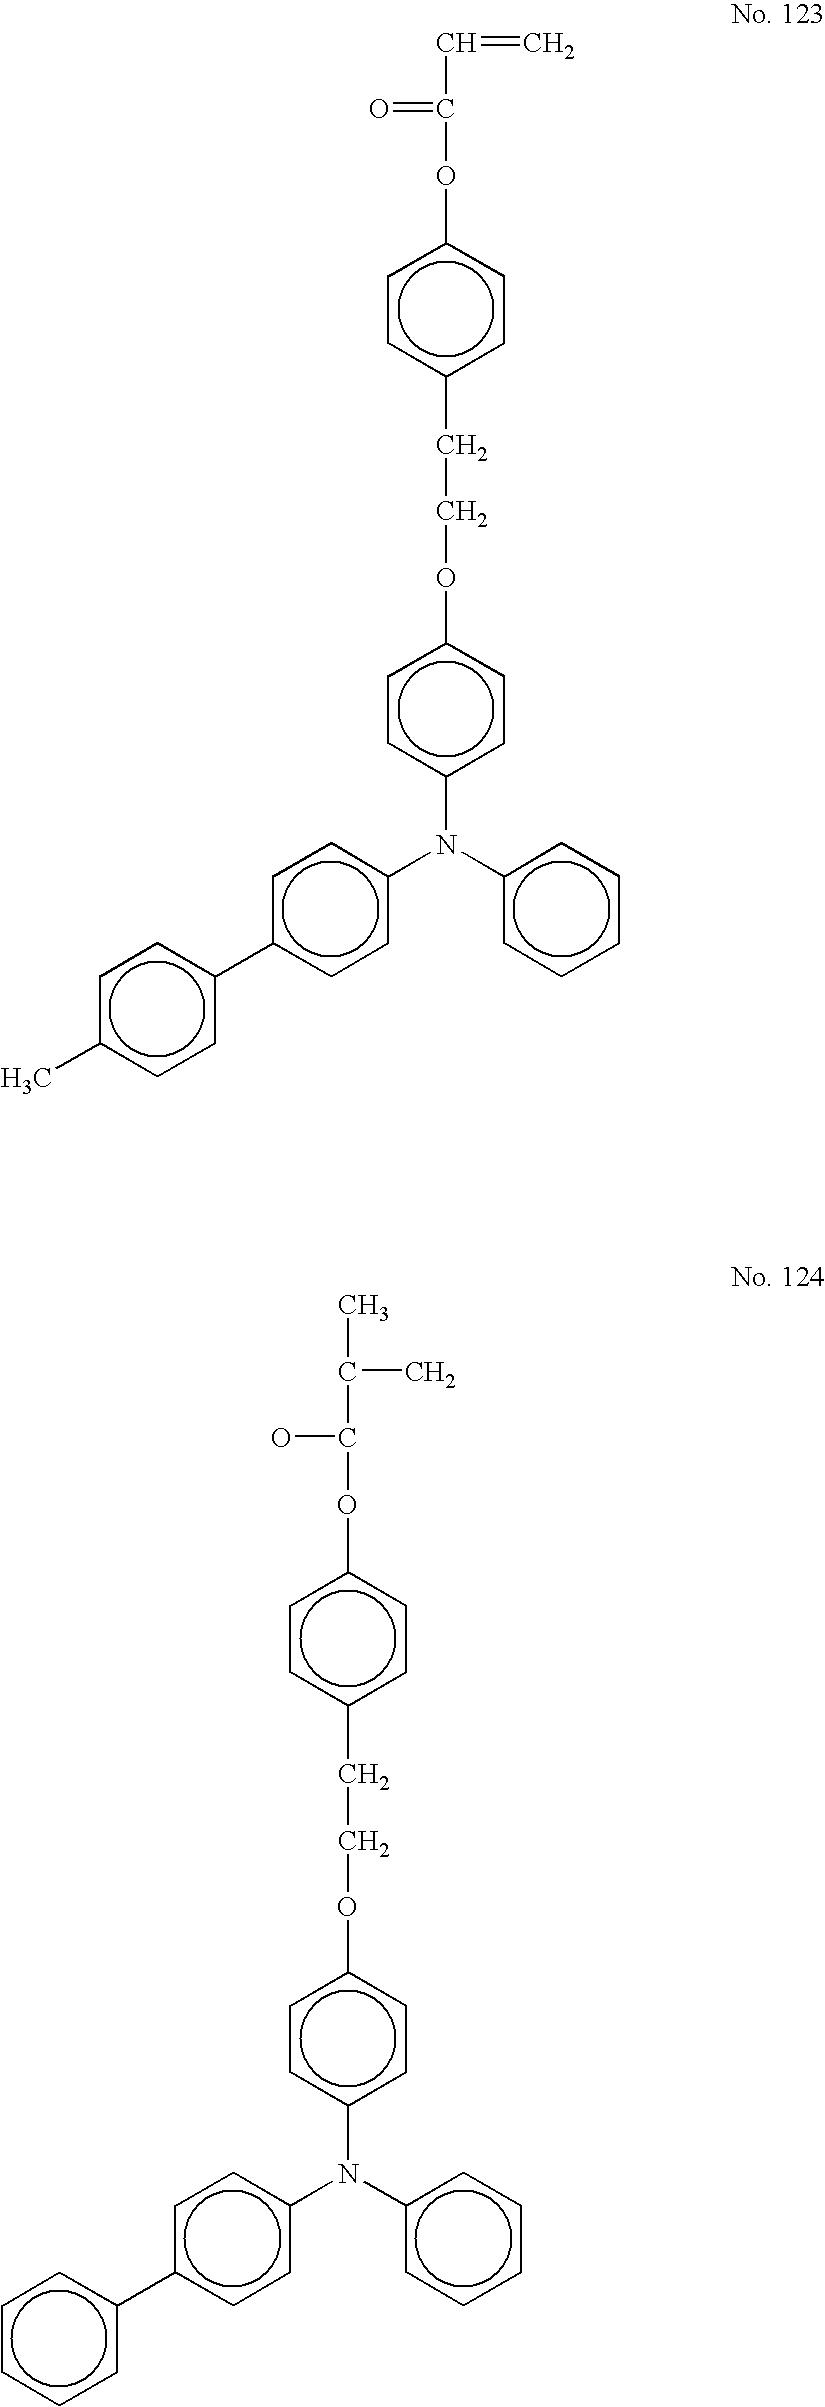 Figure US20040253527A1-20041216-C00055